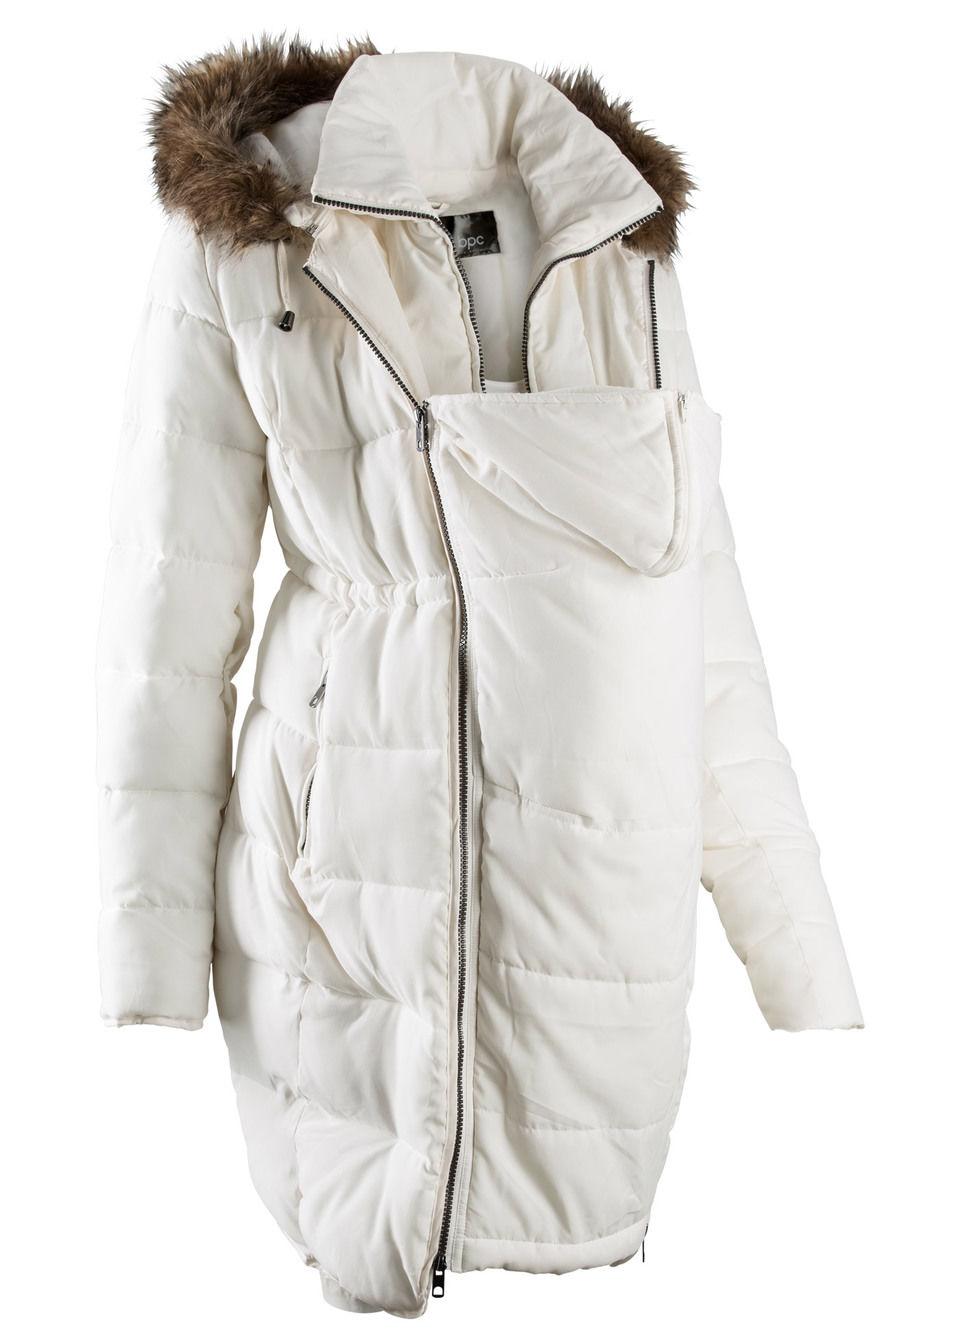 Купить Куртки и плащи, Куртка с карманом-вкладкой для малыша, bonprix, цвет белой шерсти